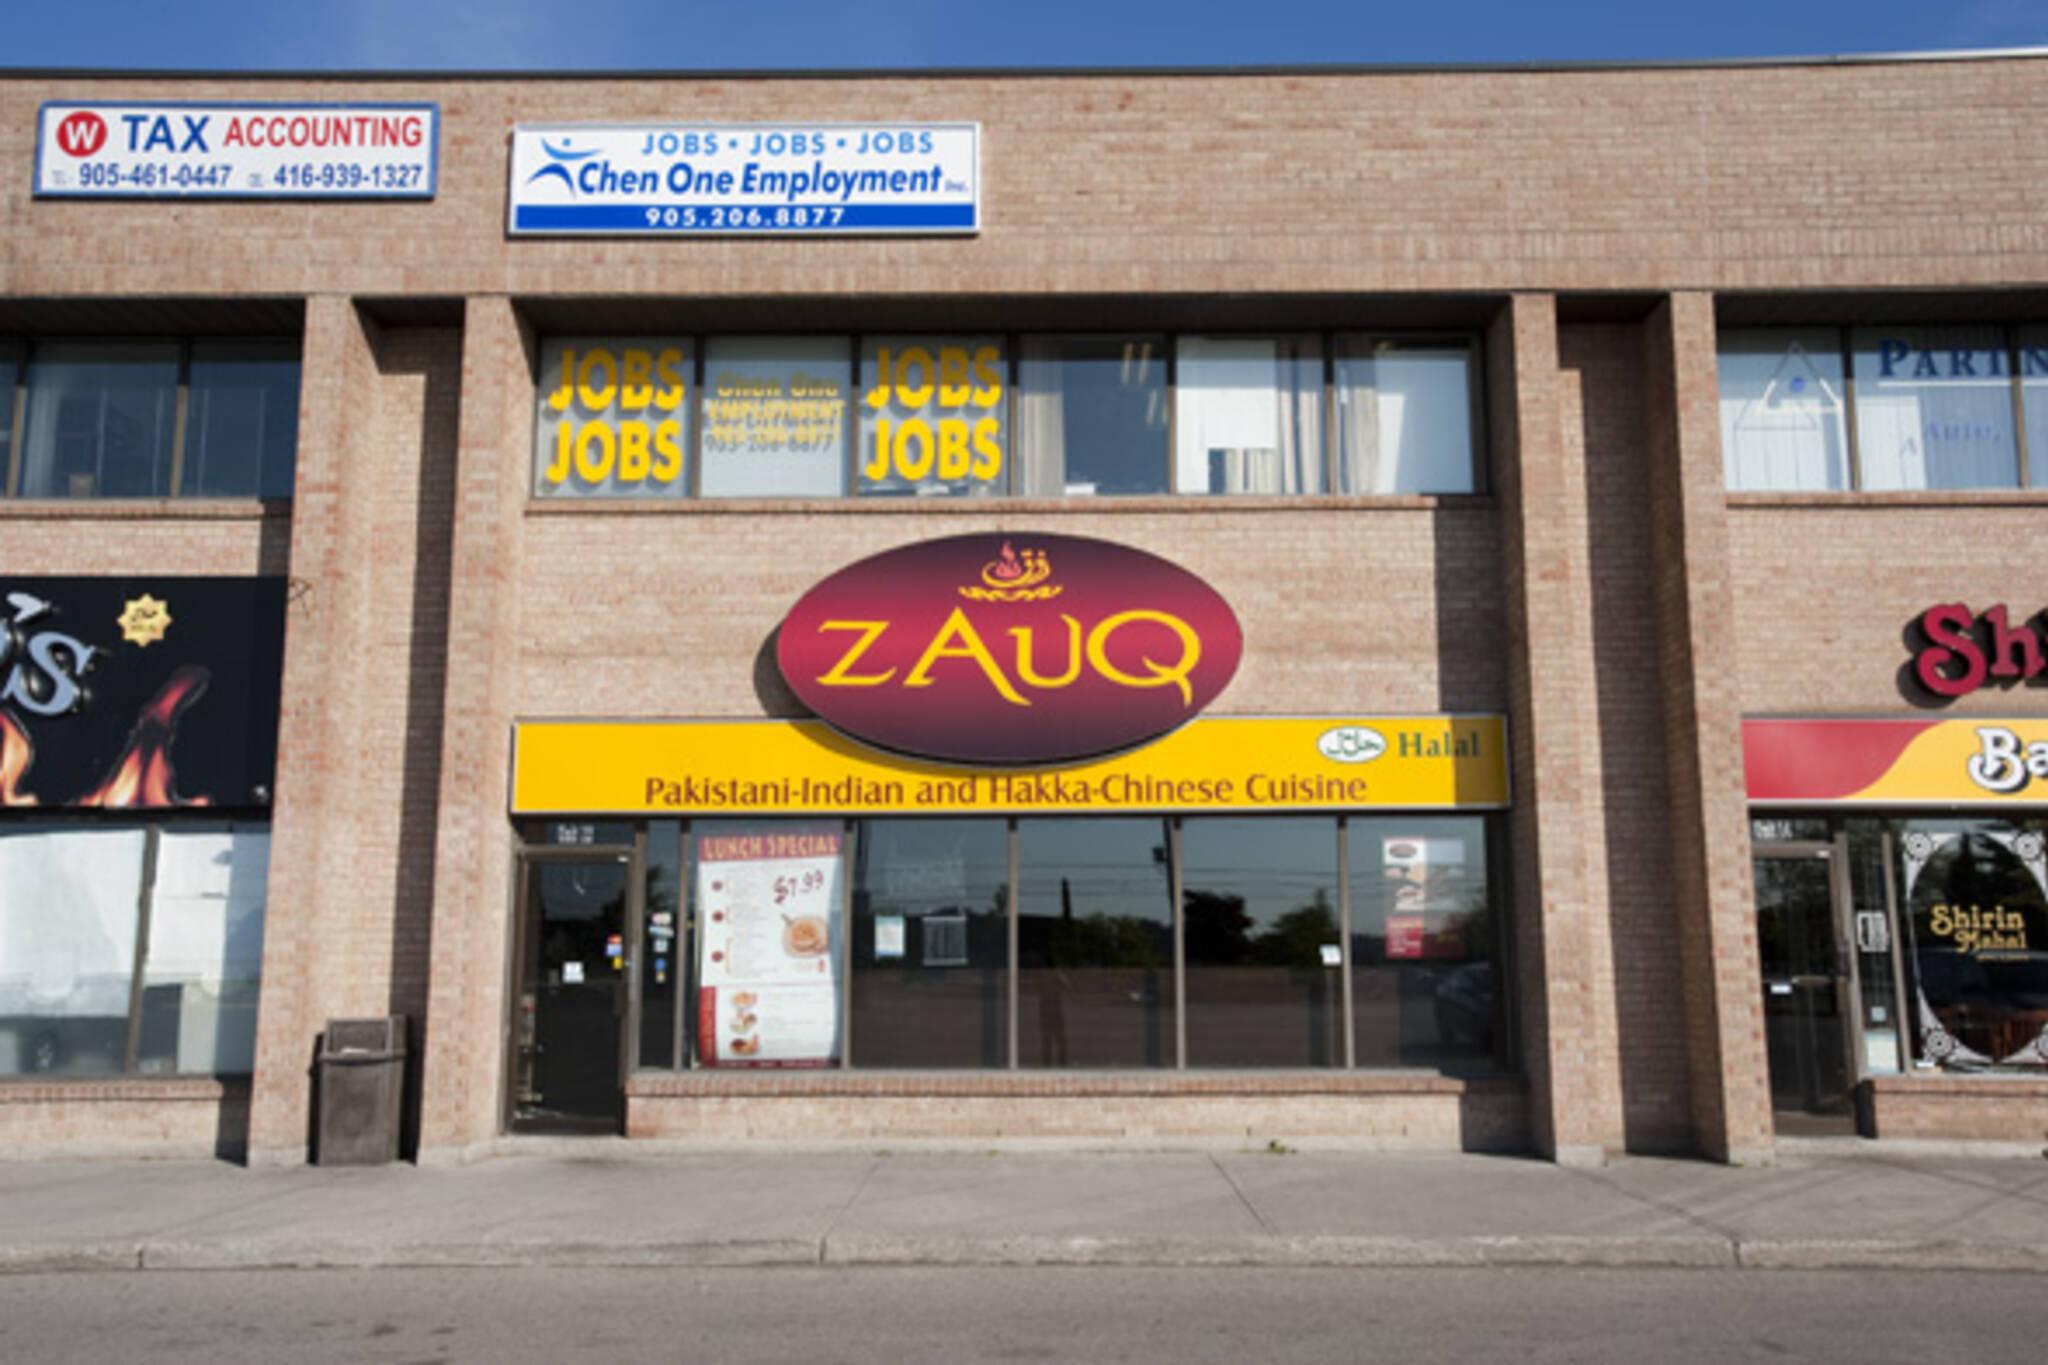 zauq mississauga pakistani restaurant